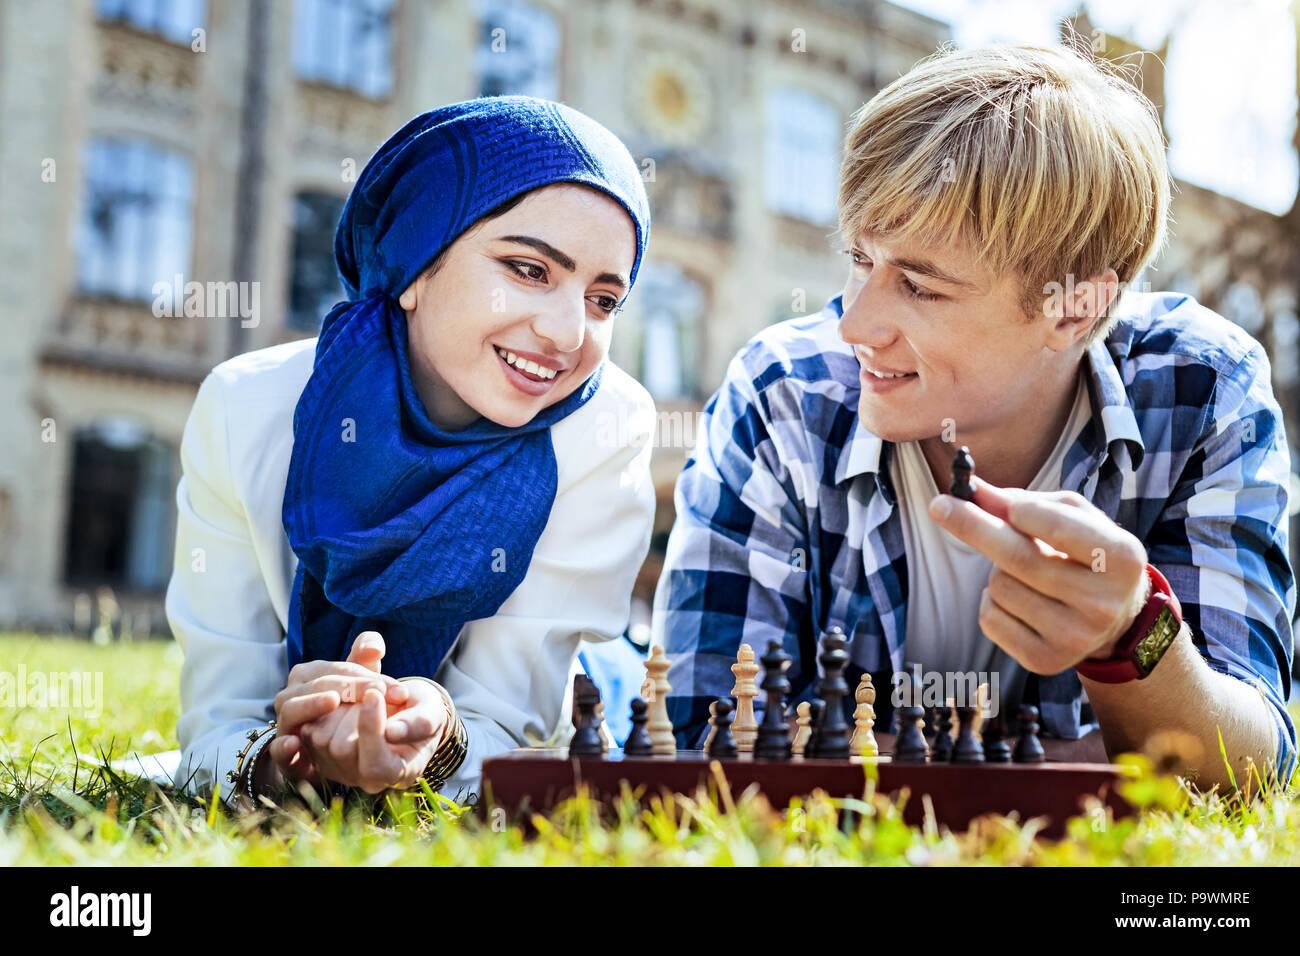 Trasmissione via IR di giovani godendo di gioco di scacchi all'aperto Immagini Stock